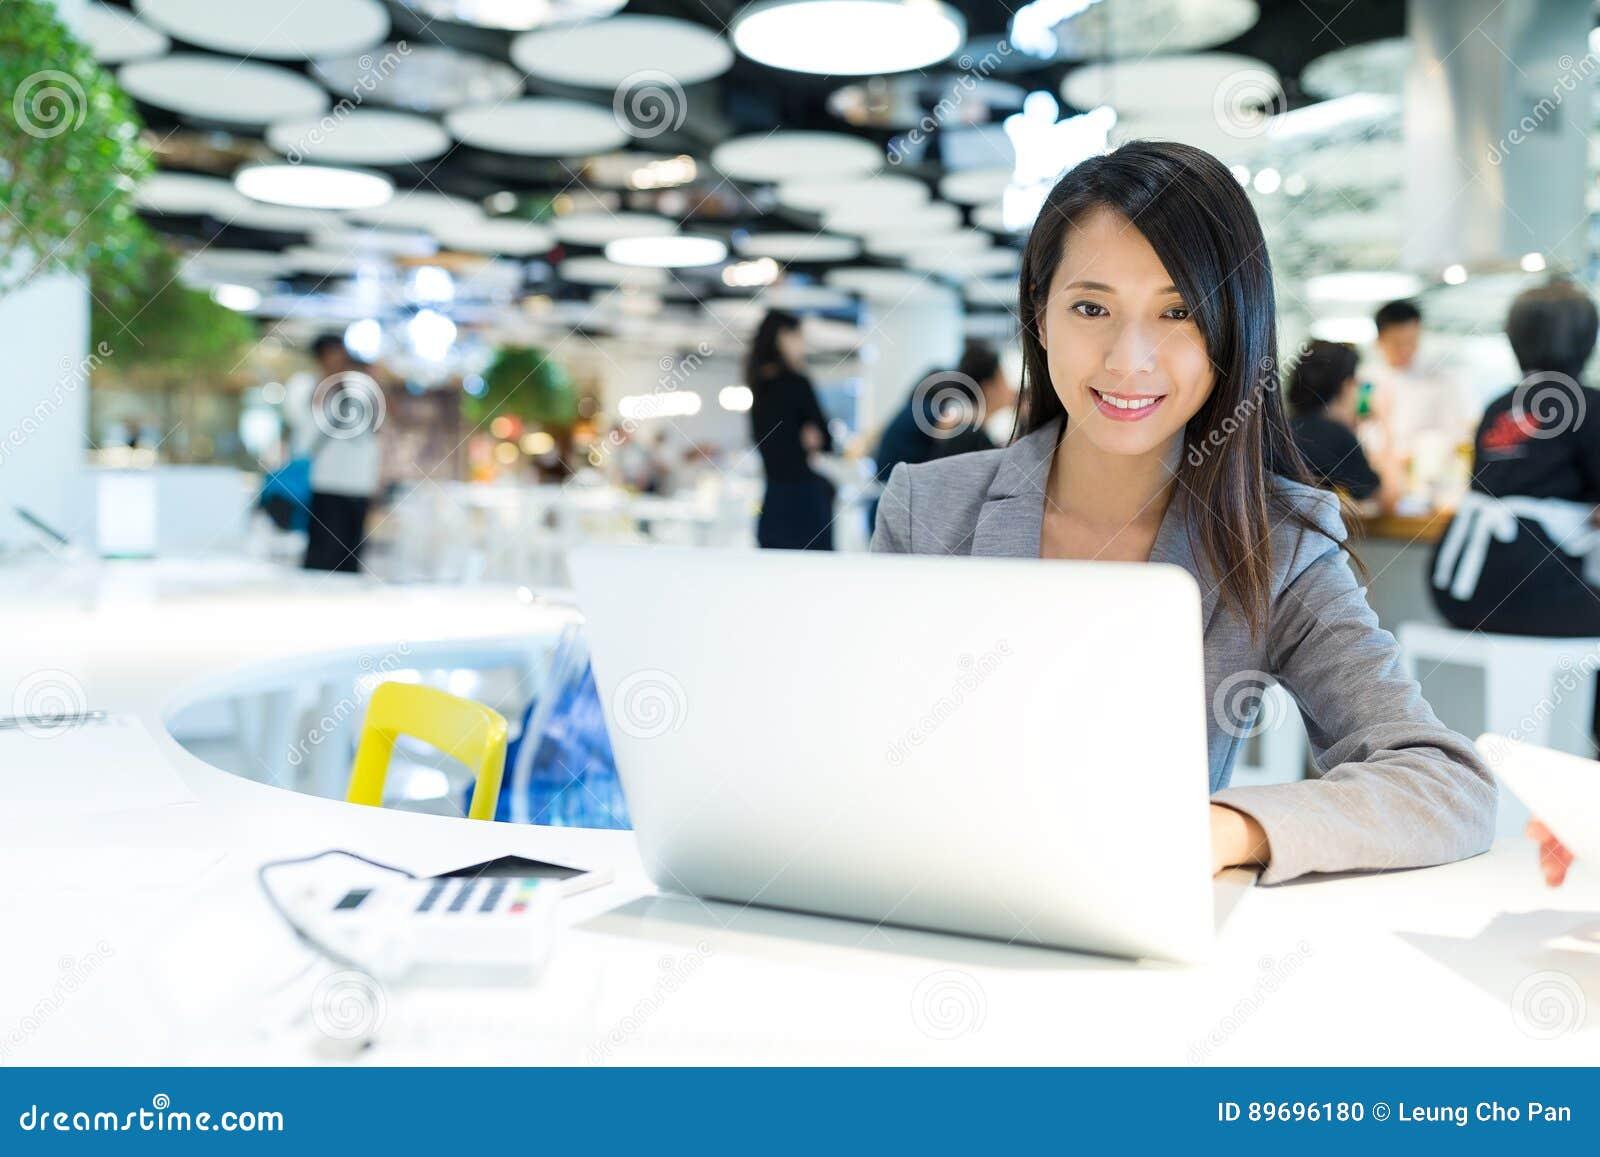 研究便携式计算机的女商人在共同工作的地方